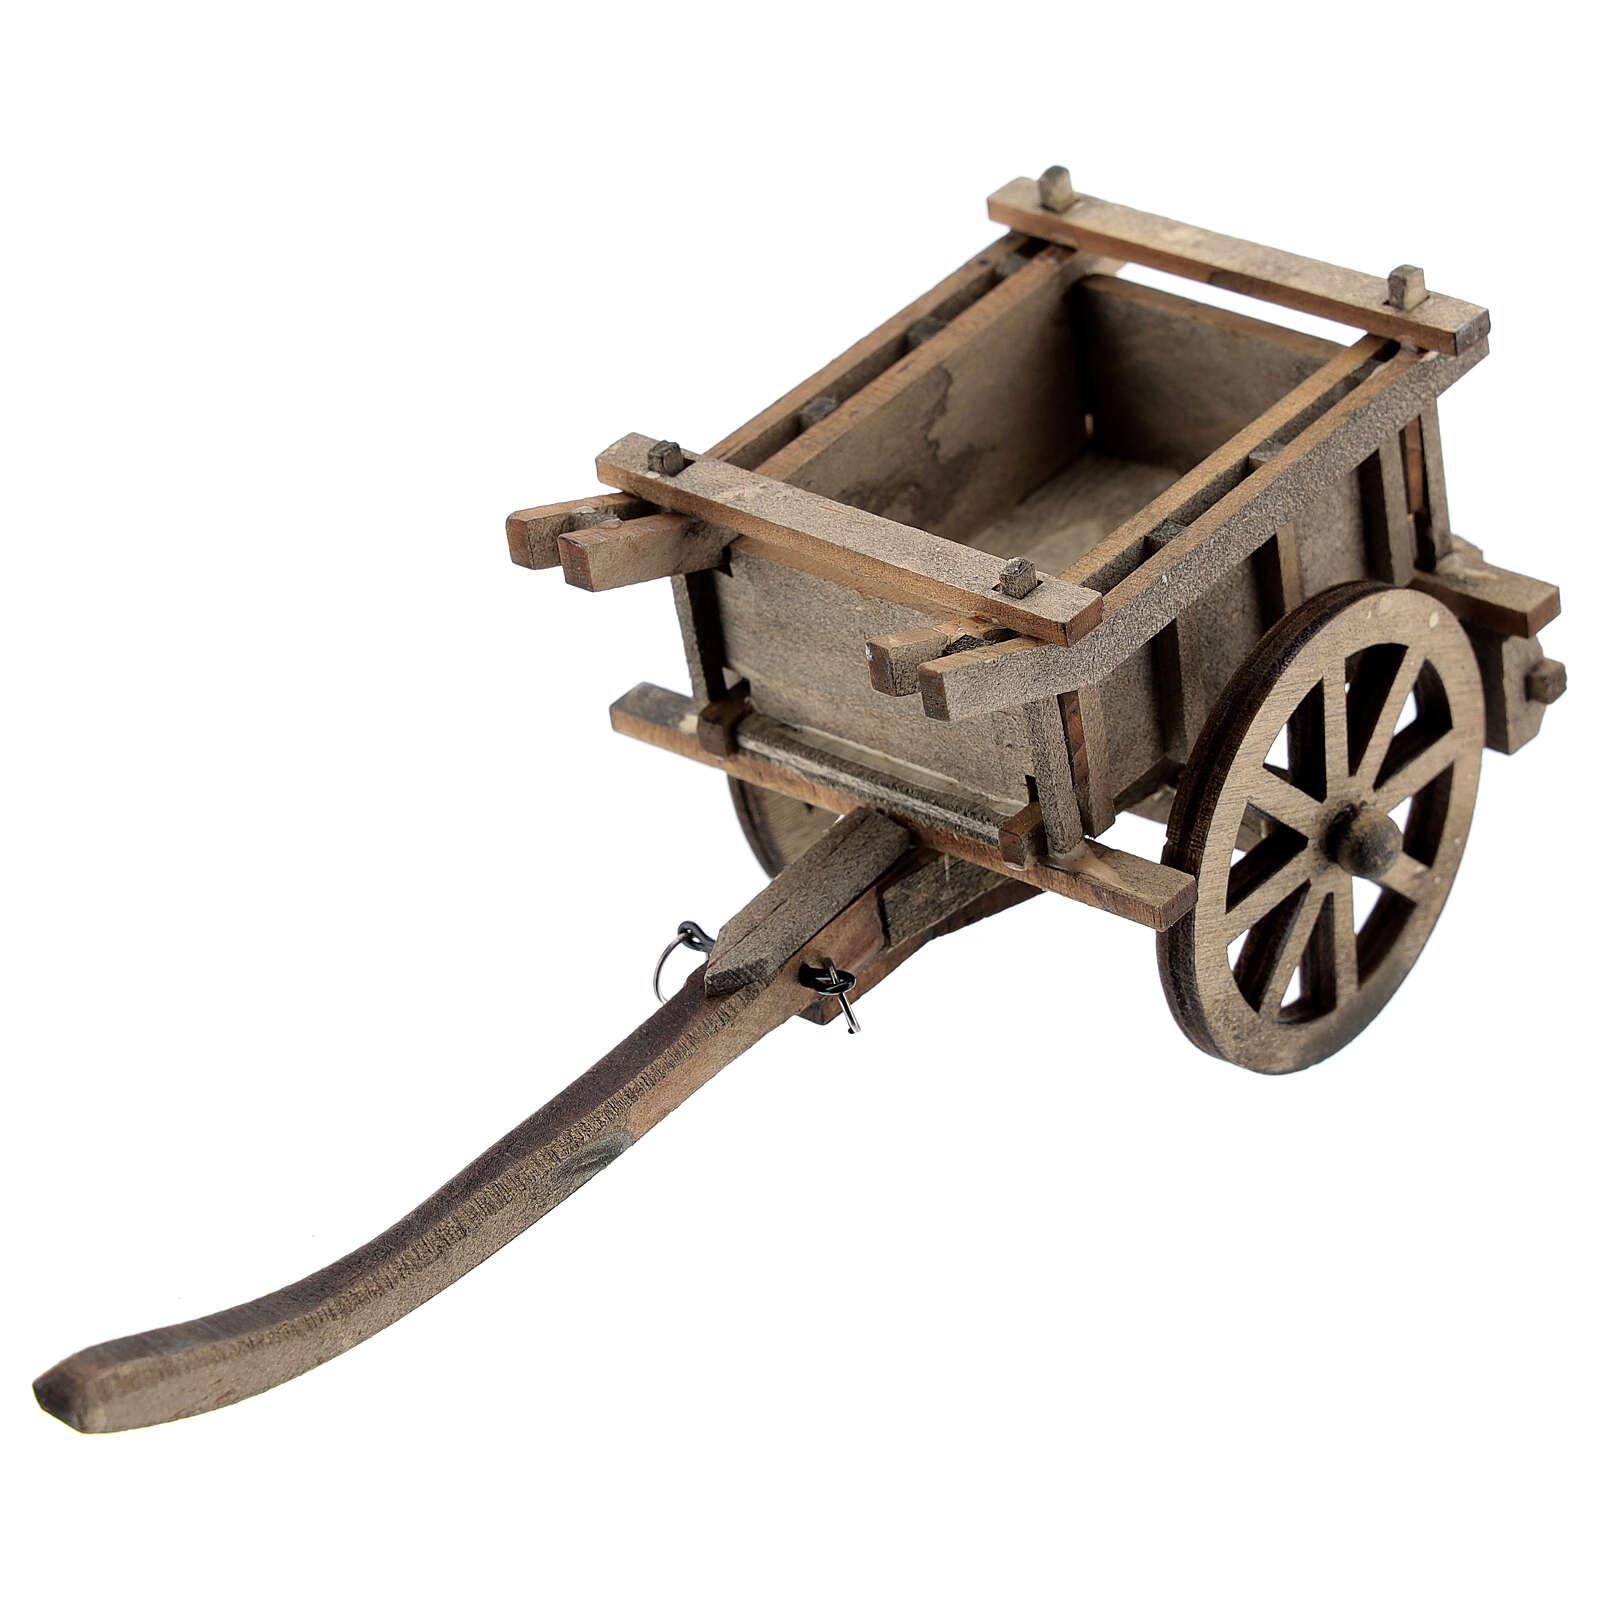 Carretto legno presepe fai da te 8-10 cm 4